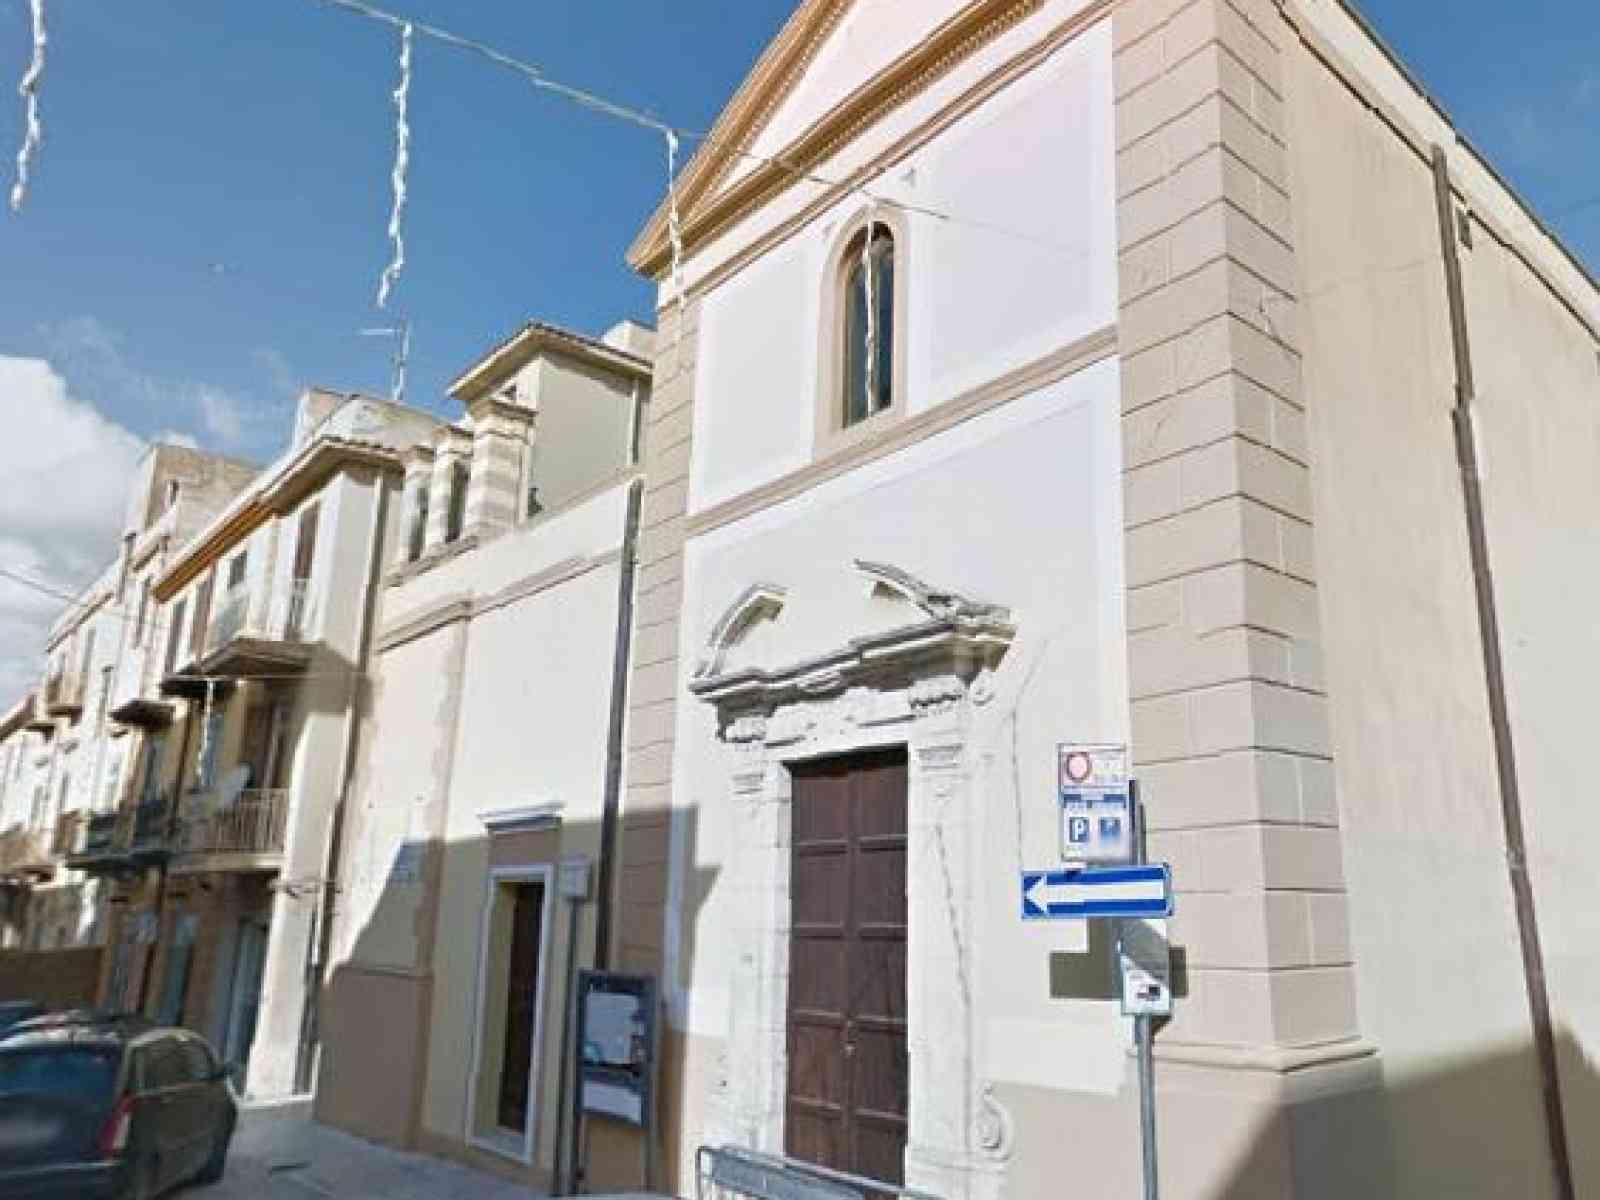 Chiesa S. Giovanni: il Tribunale da ragione al comune di Menfi. Condannata l'impresa Marciante